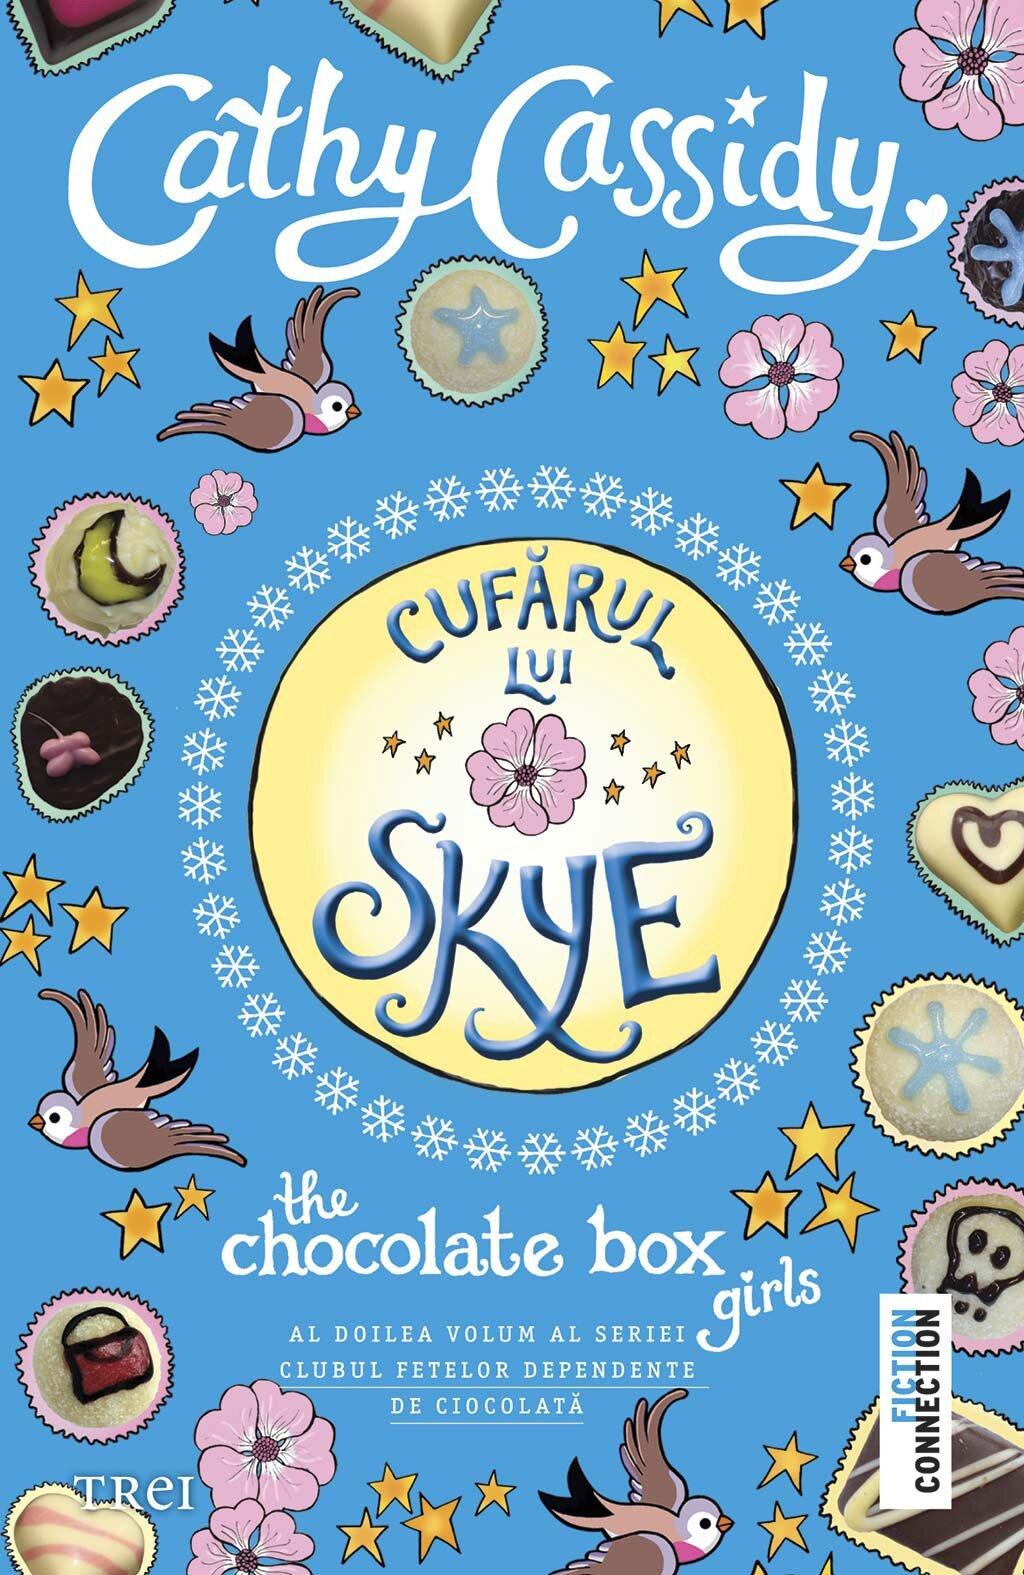 Cufarul lui Skye PDF (Download eBook)